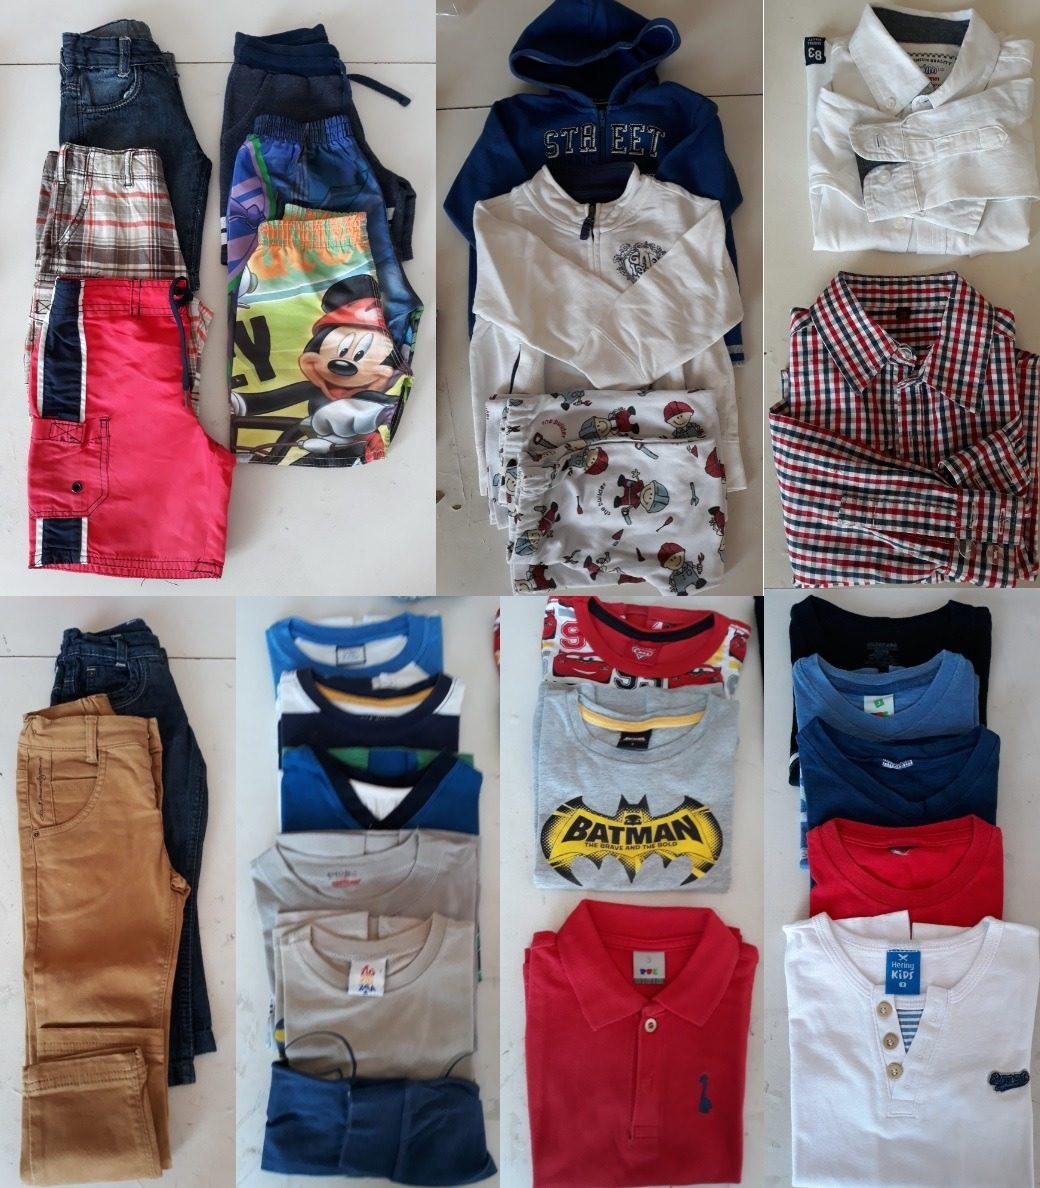 e584fab09a lote roupas meninos - 3 anos - 29 peças - lote 1. Carregando zoom.